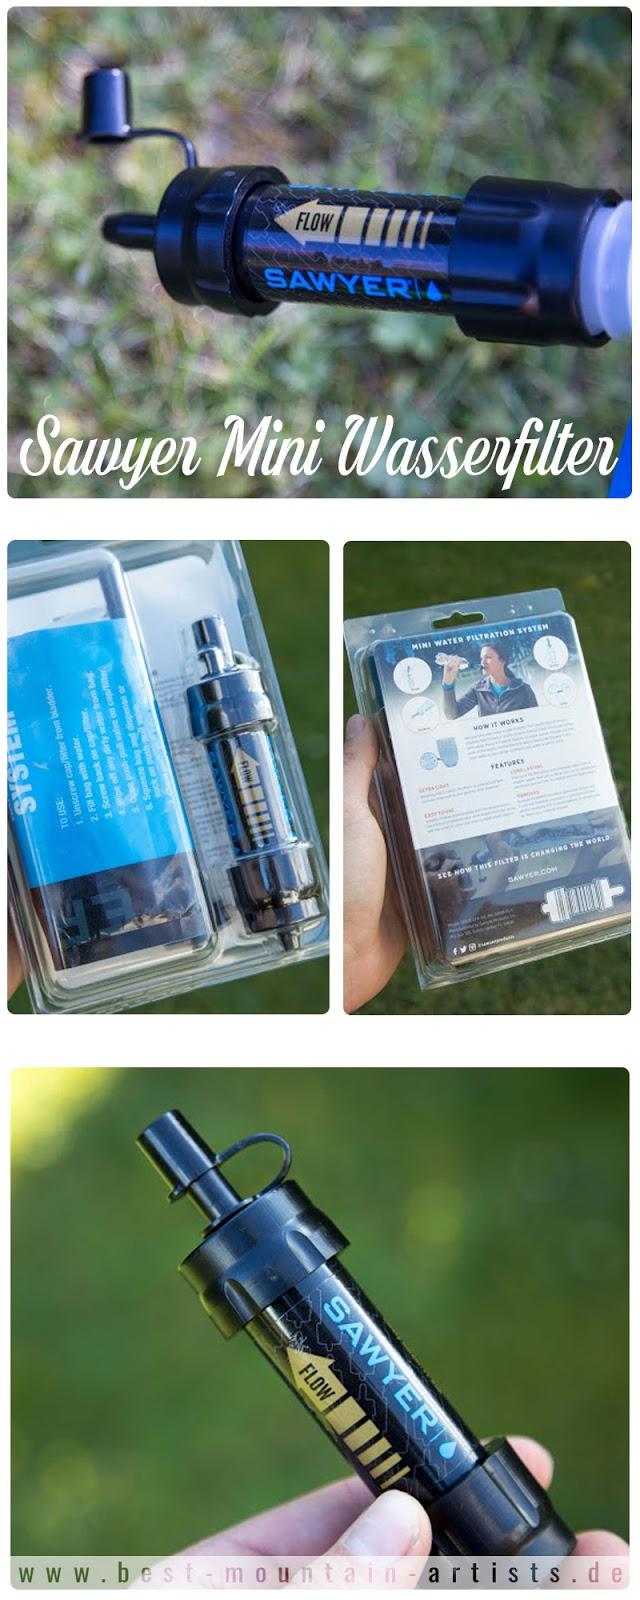 Sawyer Mini Wasserfilter outdoor-gadgets Wasserreinigung camping